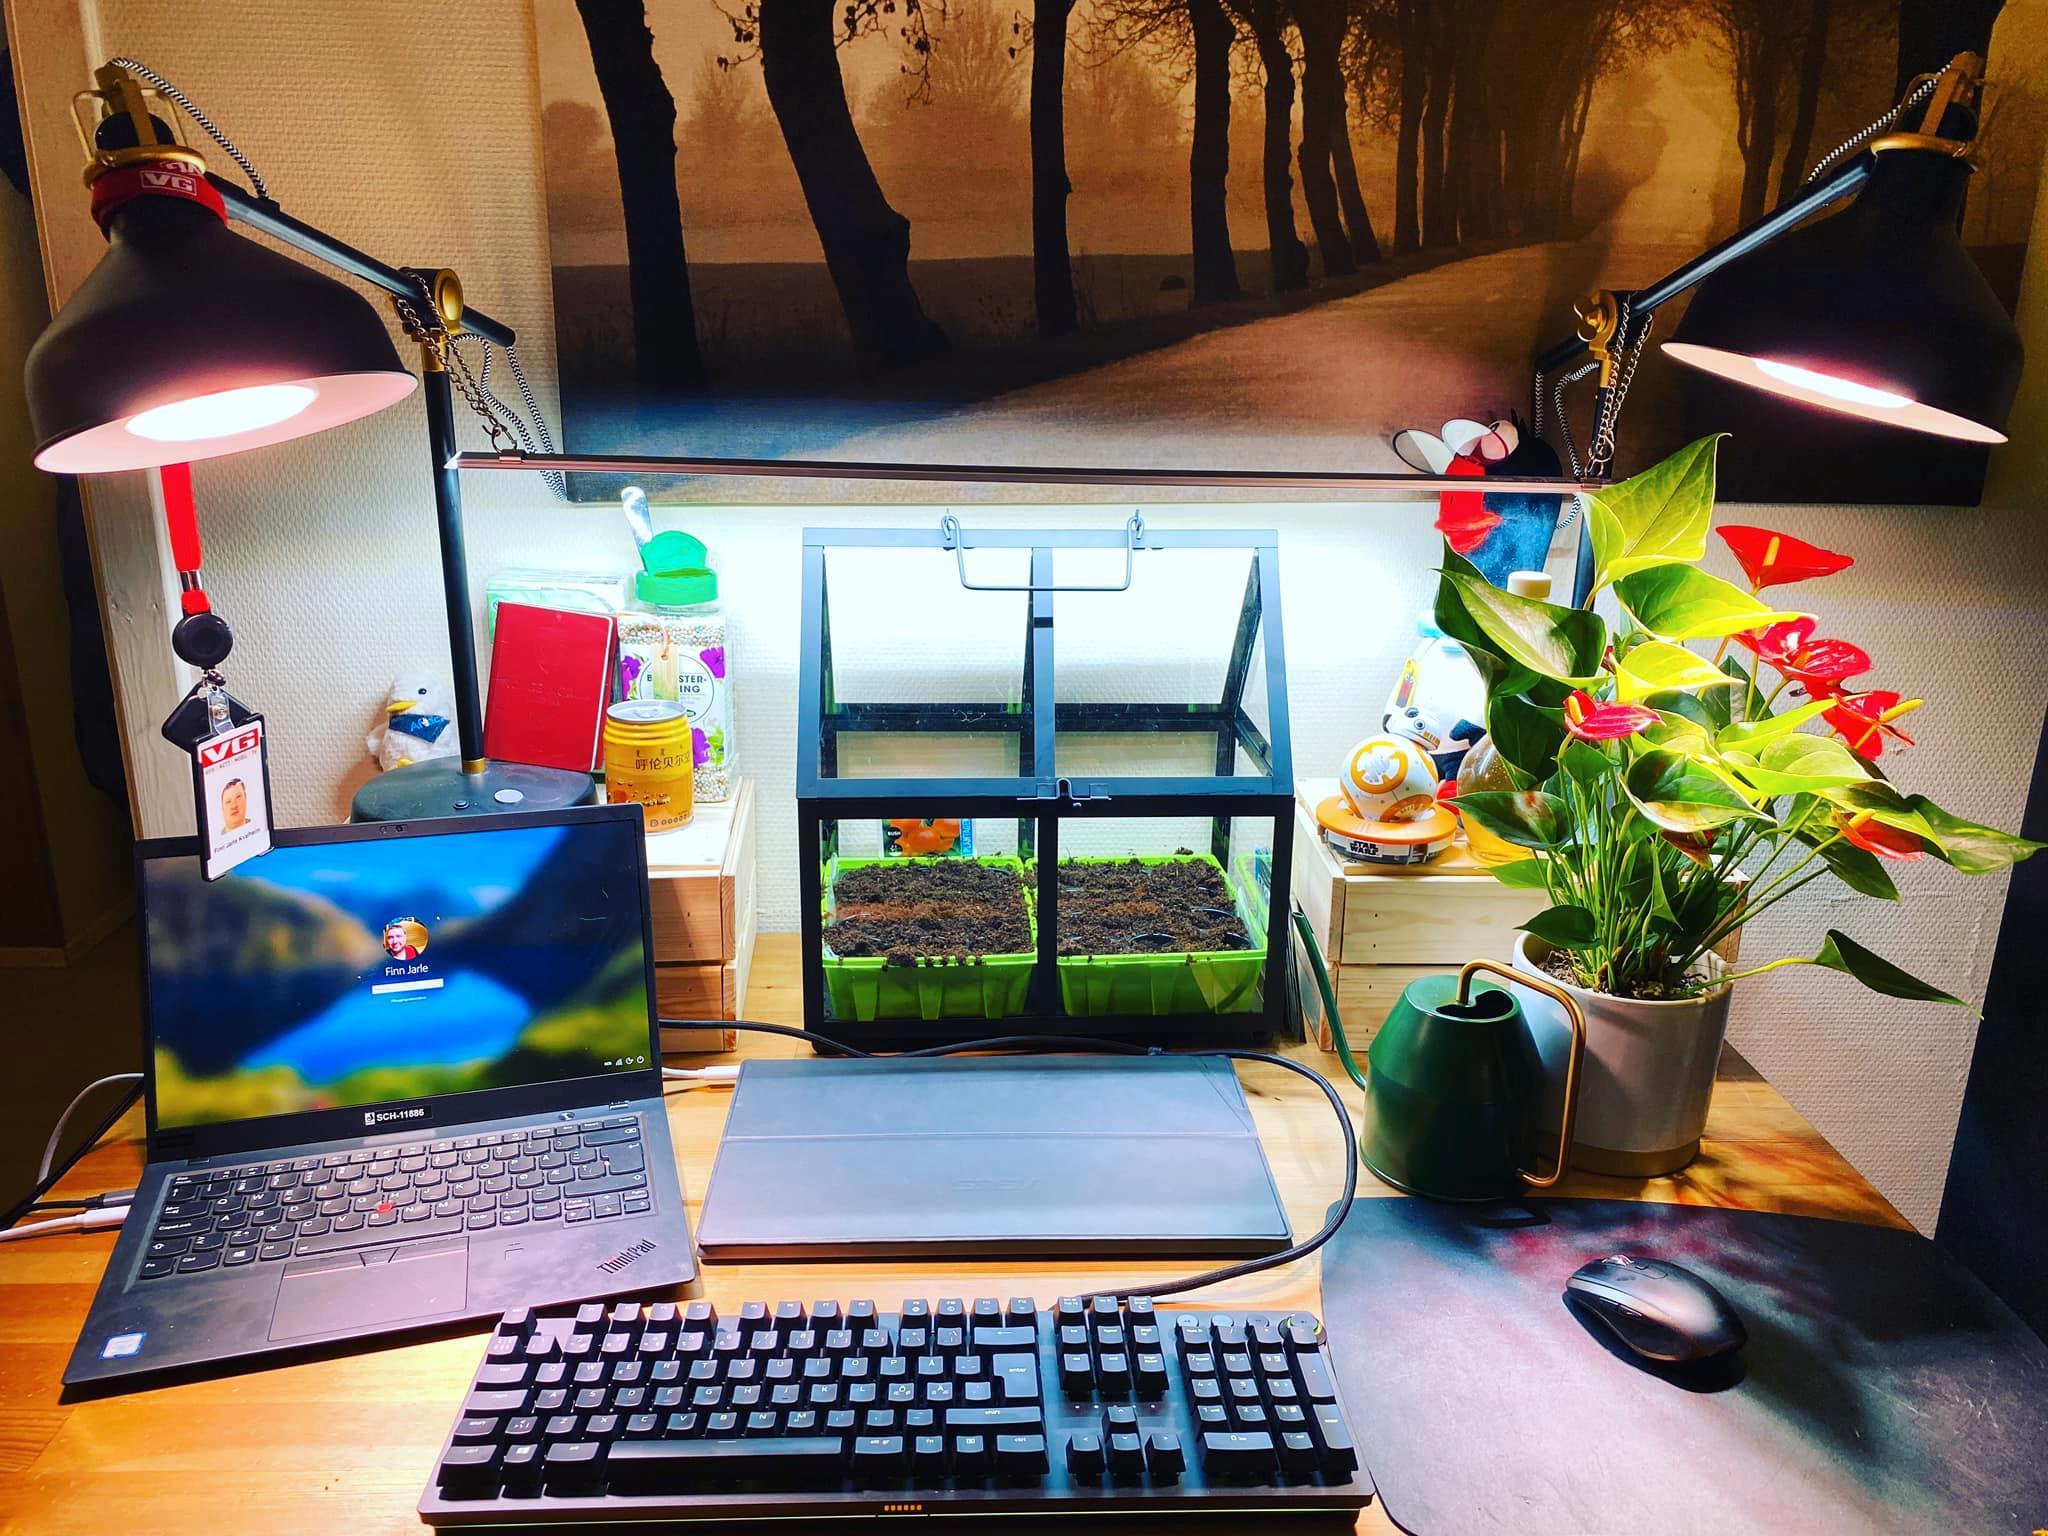 Minidrivhus som muligens kommer til å bli overgrodd før sosial distansering er over. Knatrete tastatur, PC, ekstraskjerm og plante. Ingen liker tastaturet. Selv ikke på laaaang avstand.